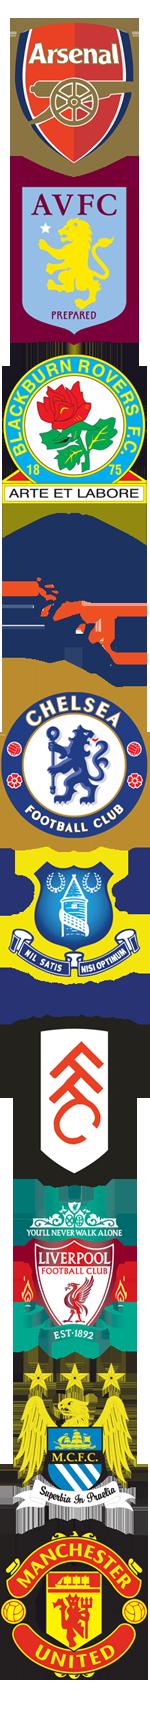 логотип английской премьер лиги: